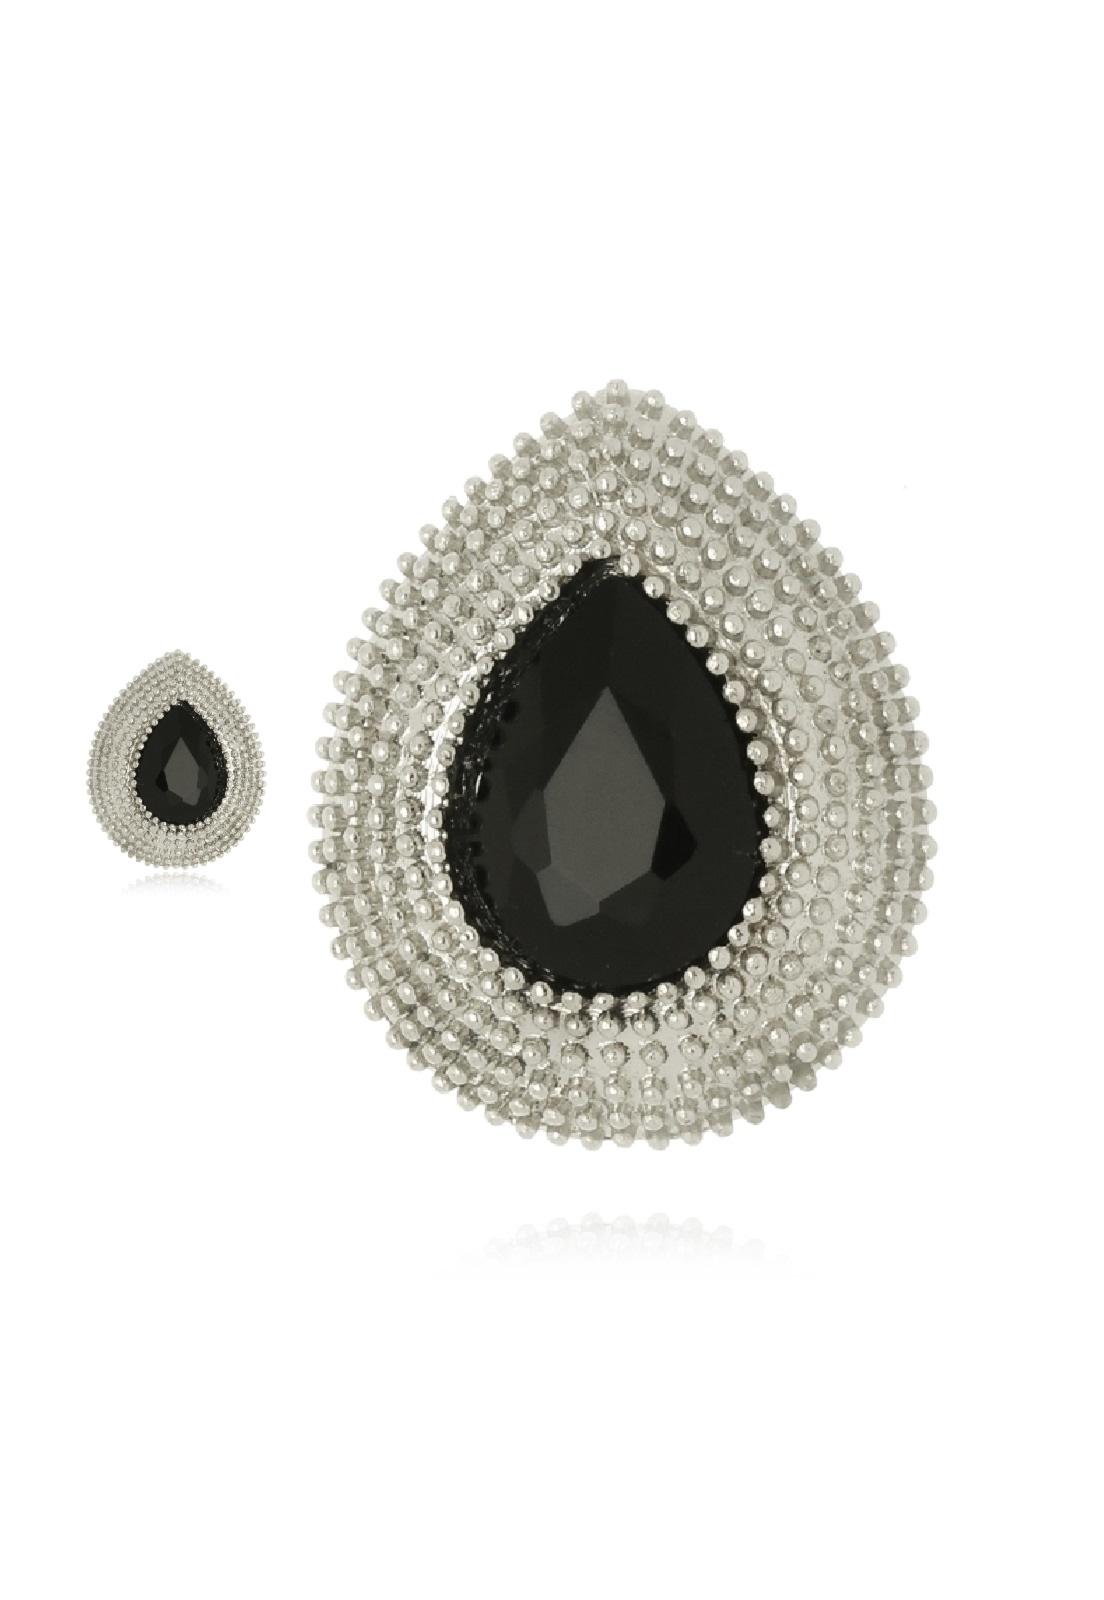 Brinco Le Diamond Gota Prateado com Cristal Lapidado Preto